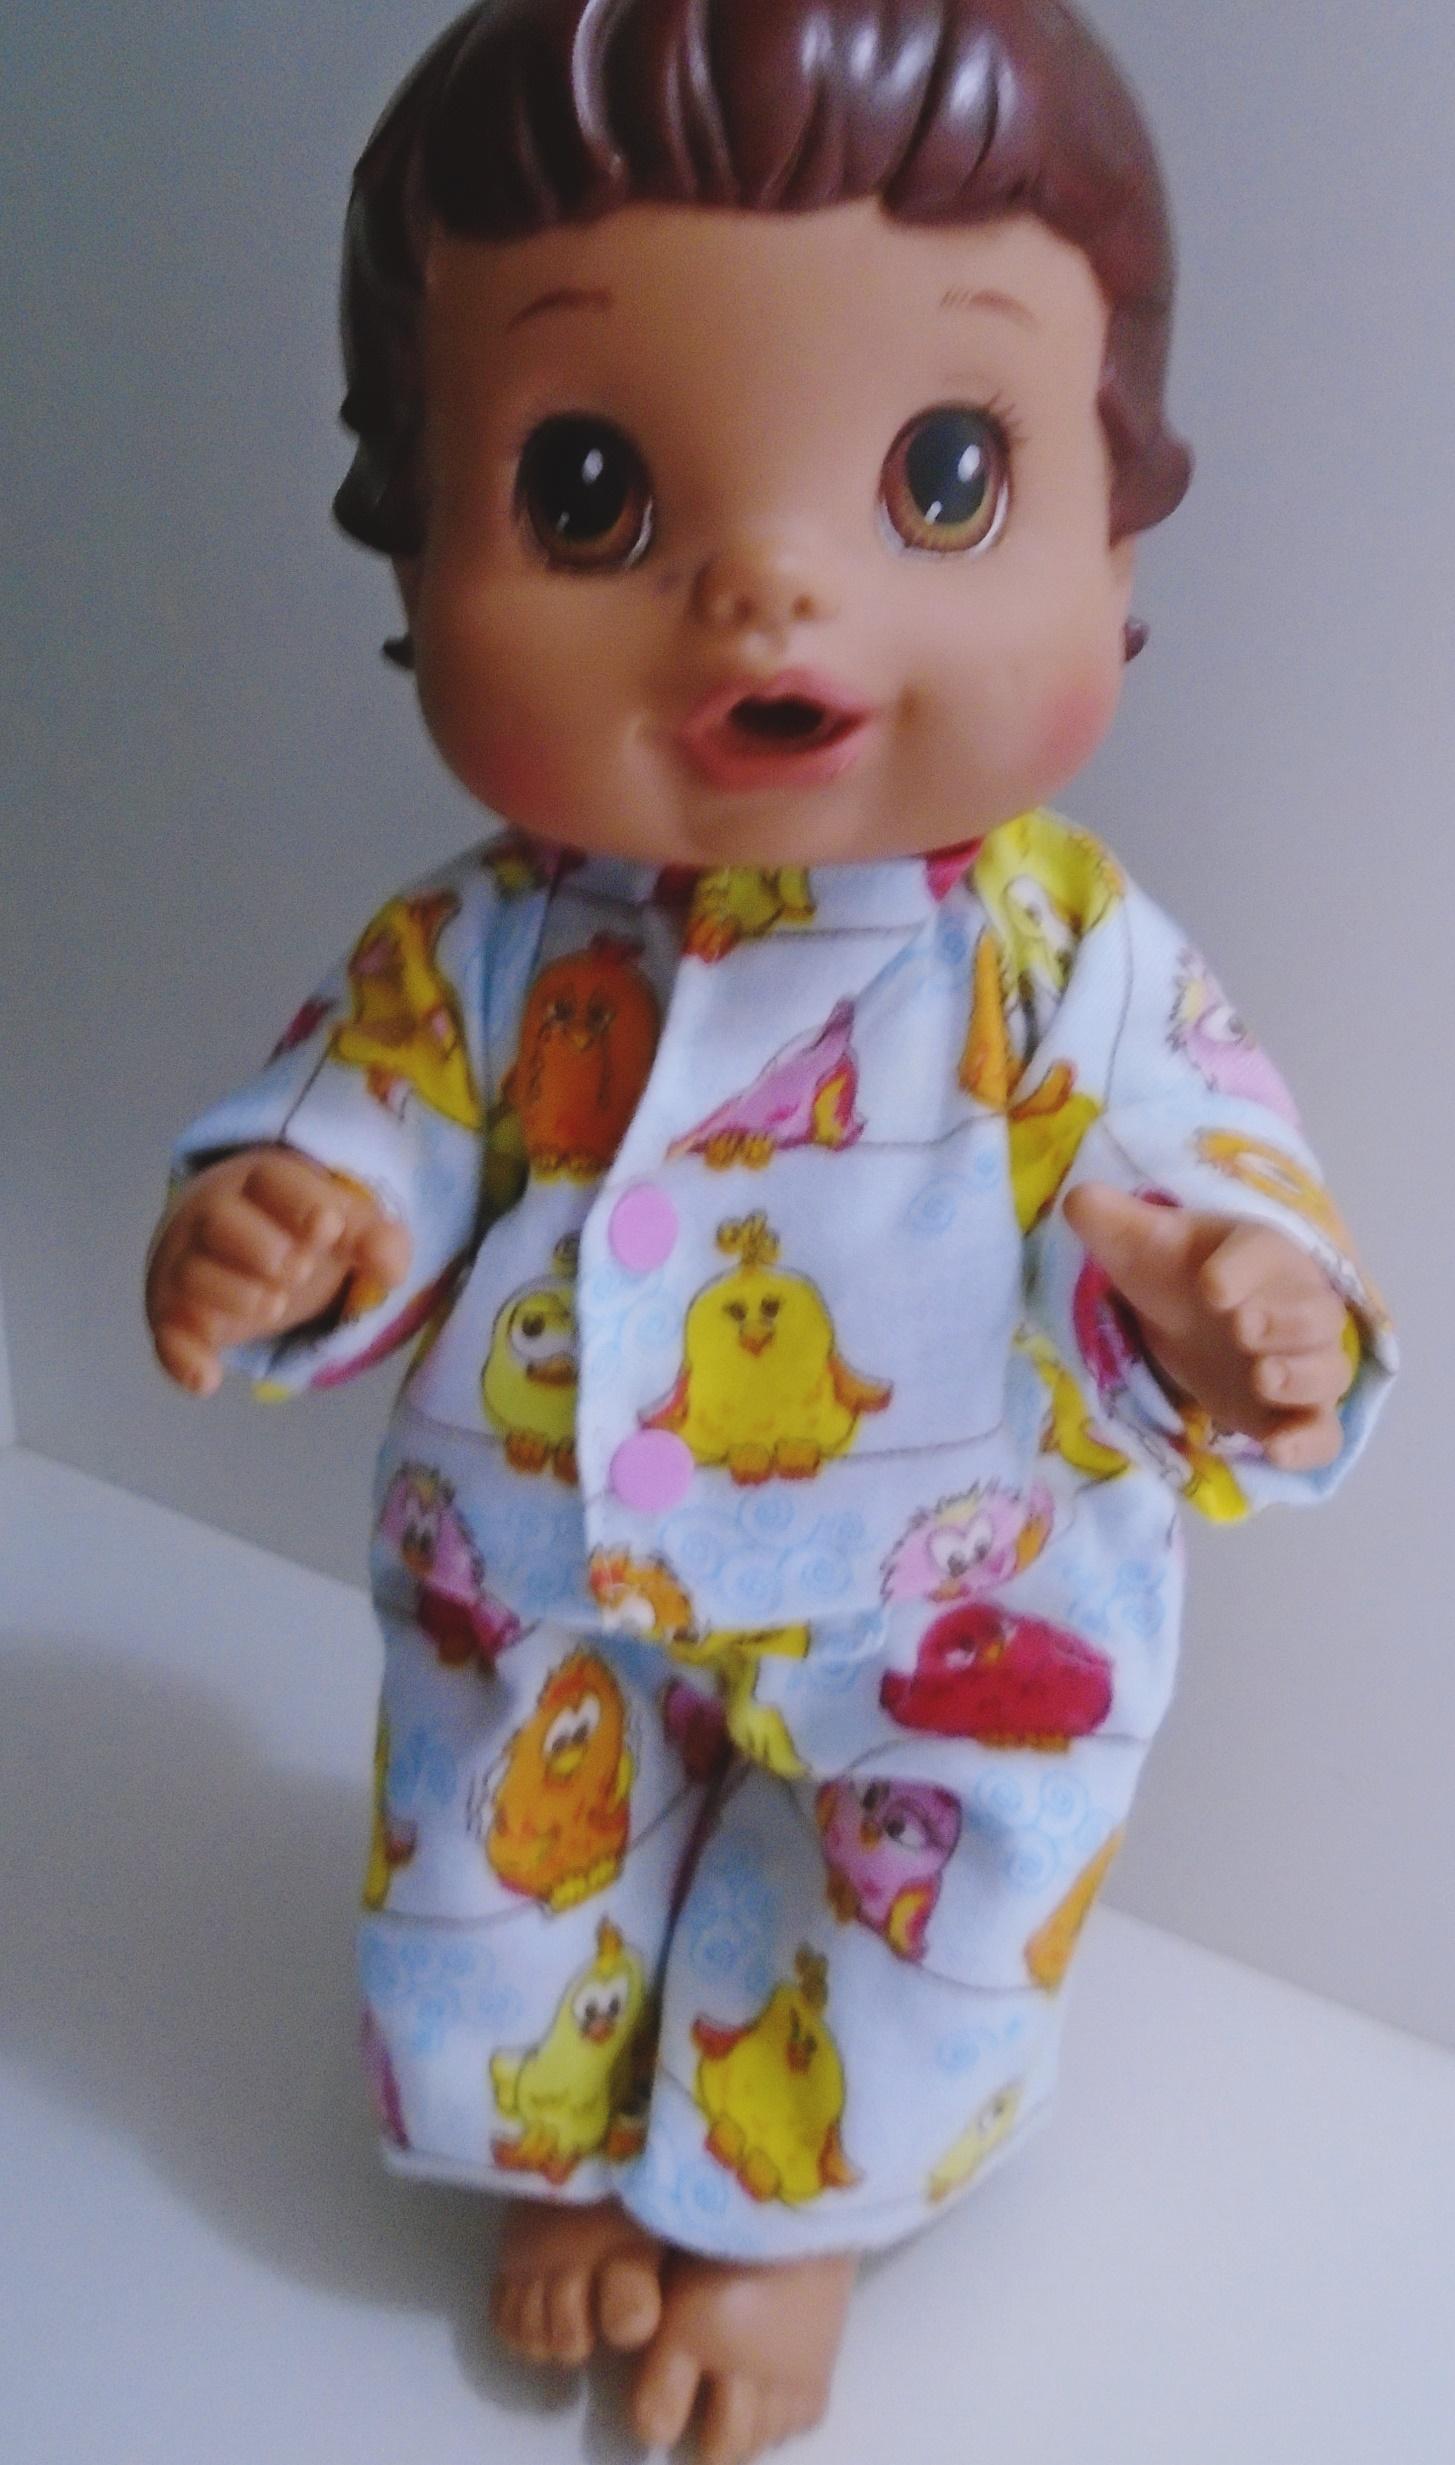 ec623710b Pijama para boneca Baby Alive no Elo7